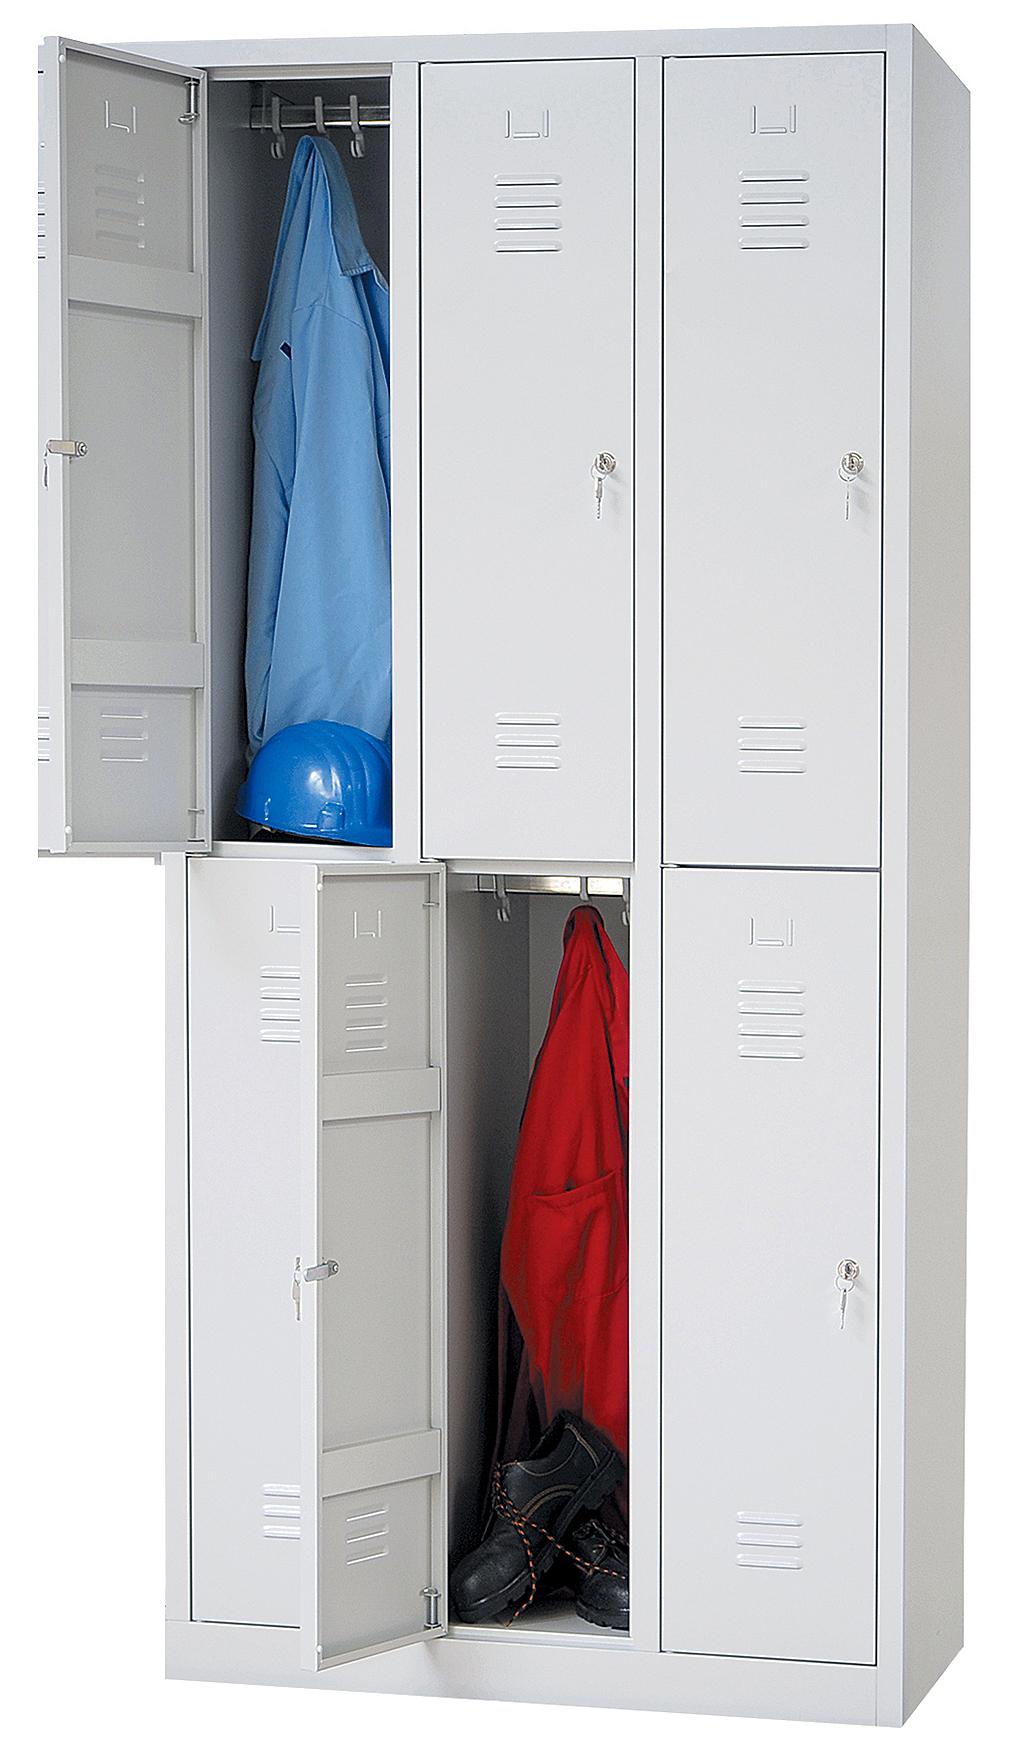 garderobenschrank 2x3 abteile 6 f cher spind spint stahlspind stahlspint grau 4260402610054 ebay. Black Bedroom Furniture Sets. Home Design Ideas